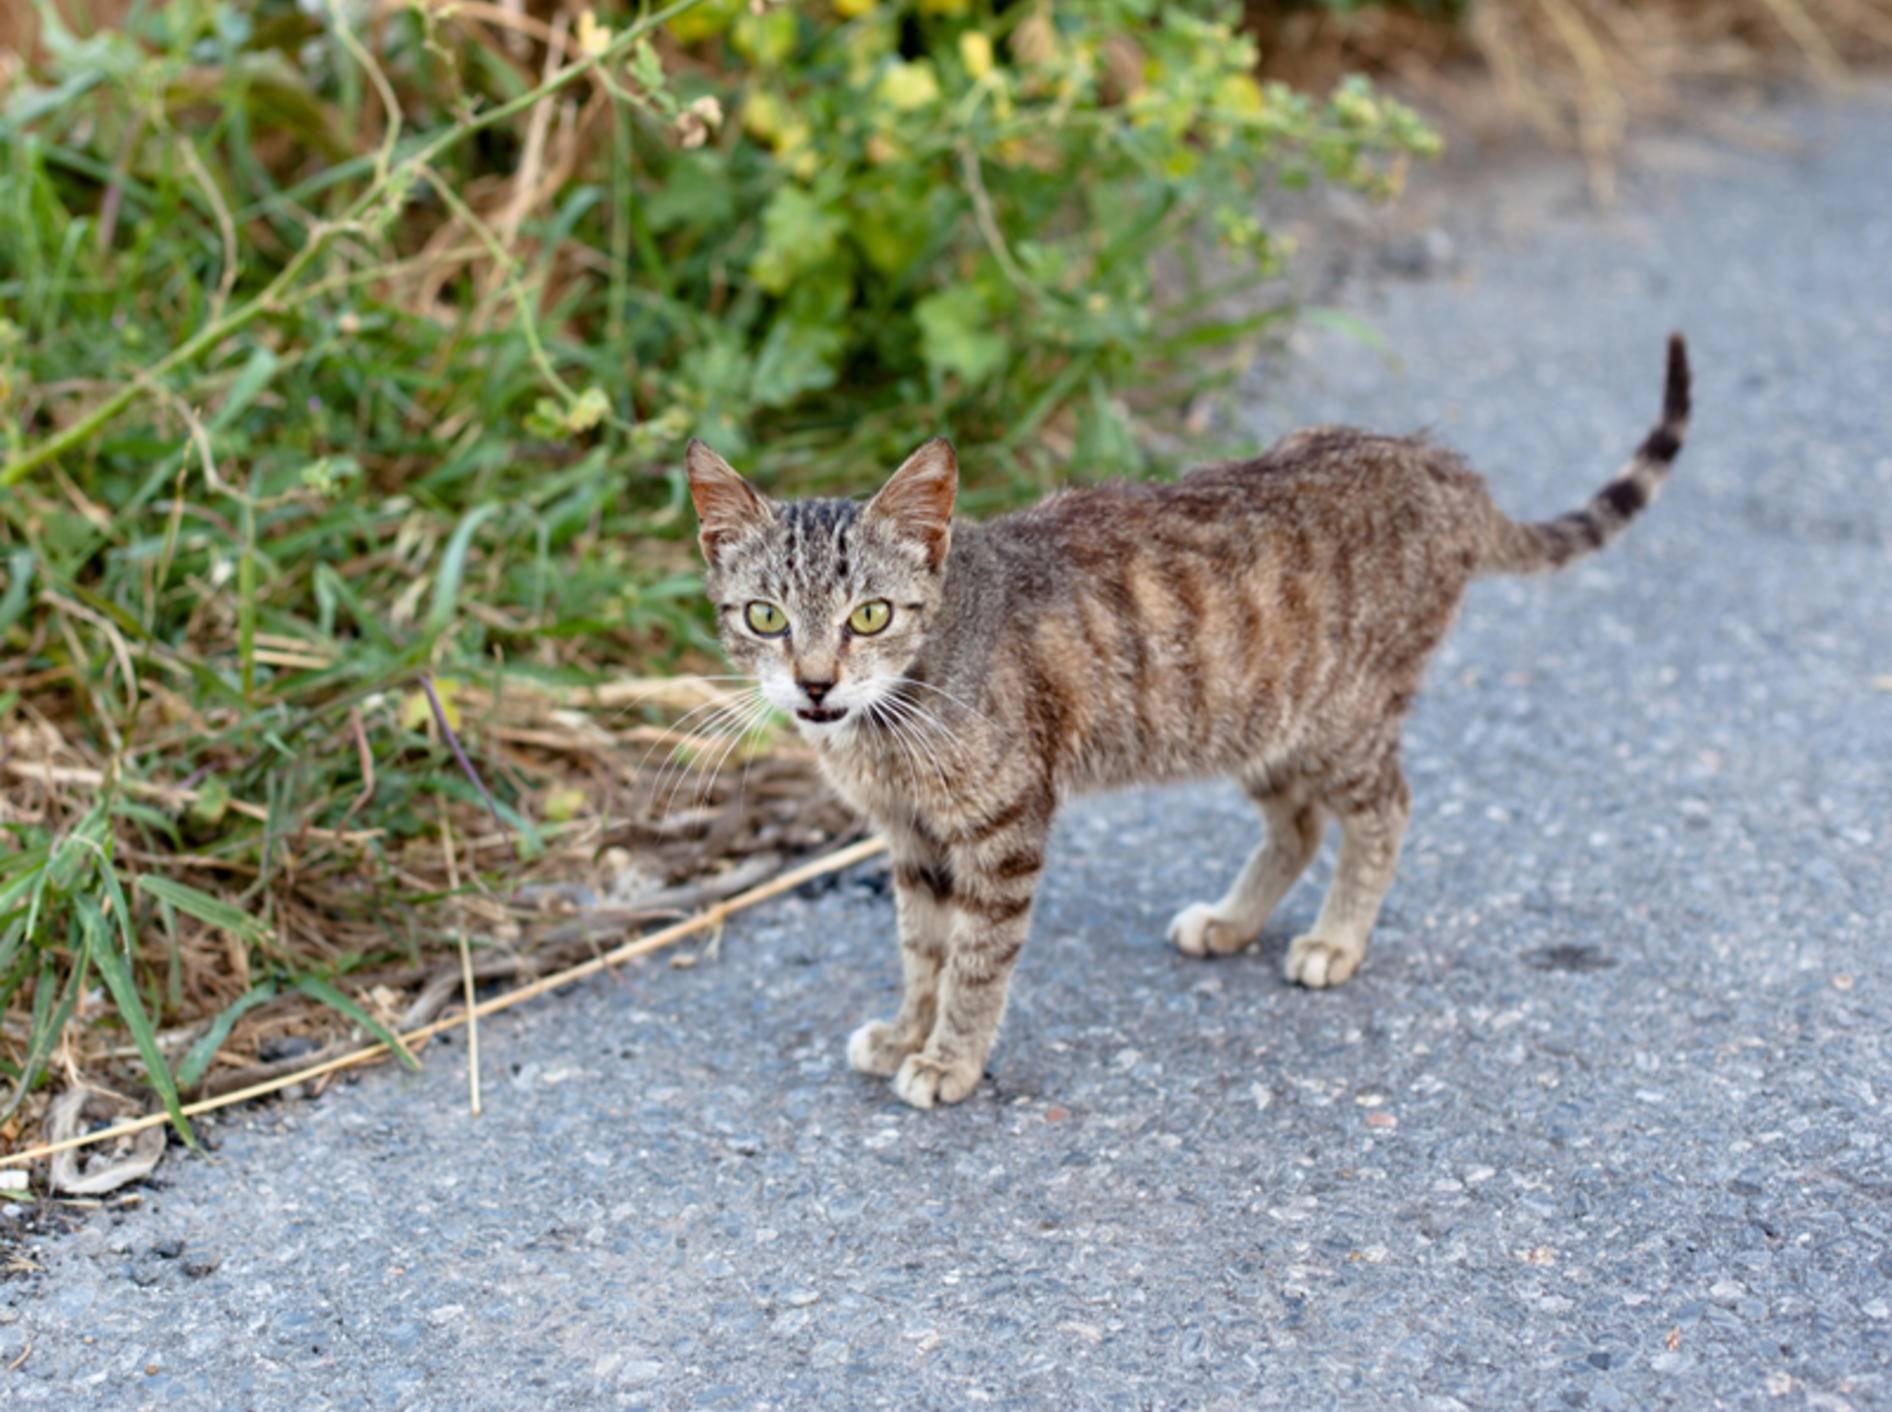 Giardien bei katzen erkennen, Behandlung von Giardia ohne Gallenblase